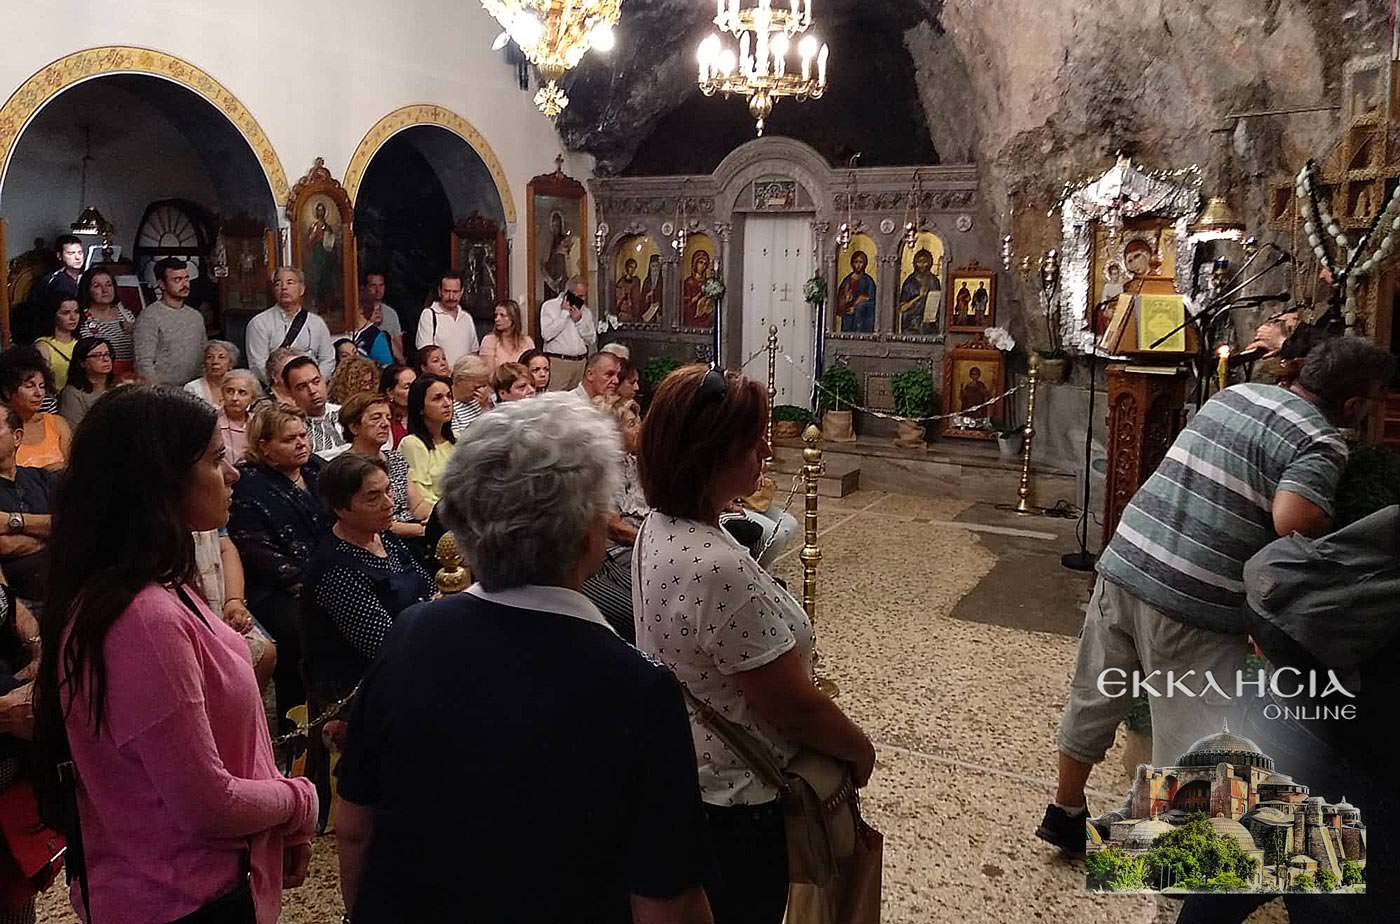 Ιερός Ναός Αγίων Ισιδώρων Λυκαβηττού Τιμίου Σταυρού 2019